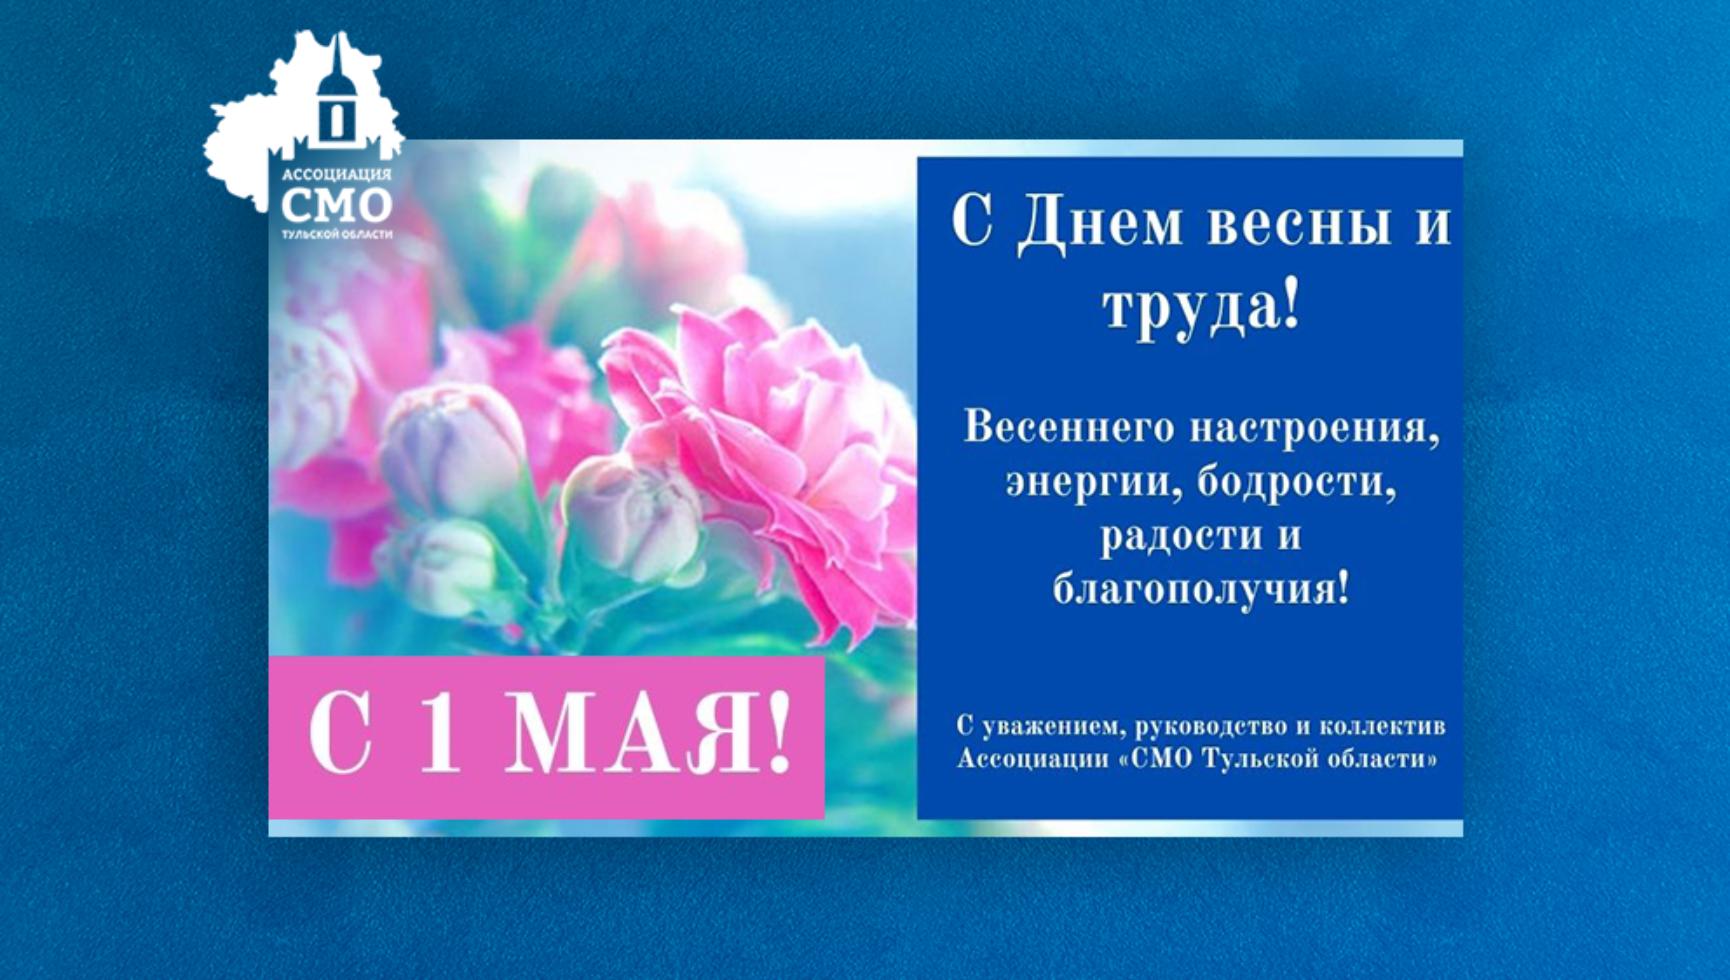 С Днем весны и труда!